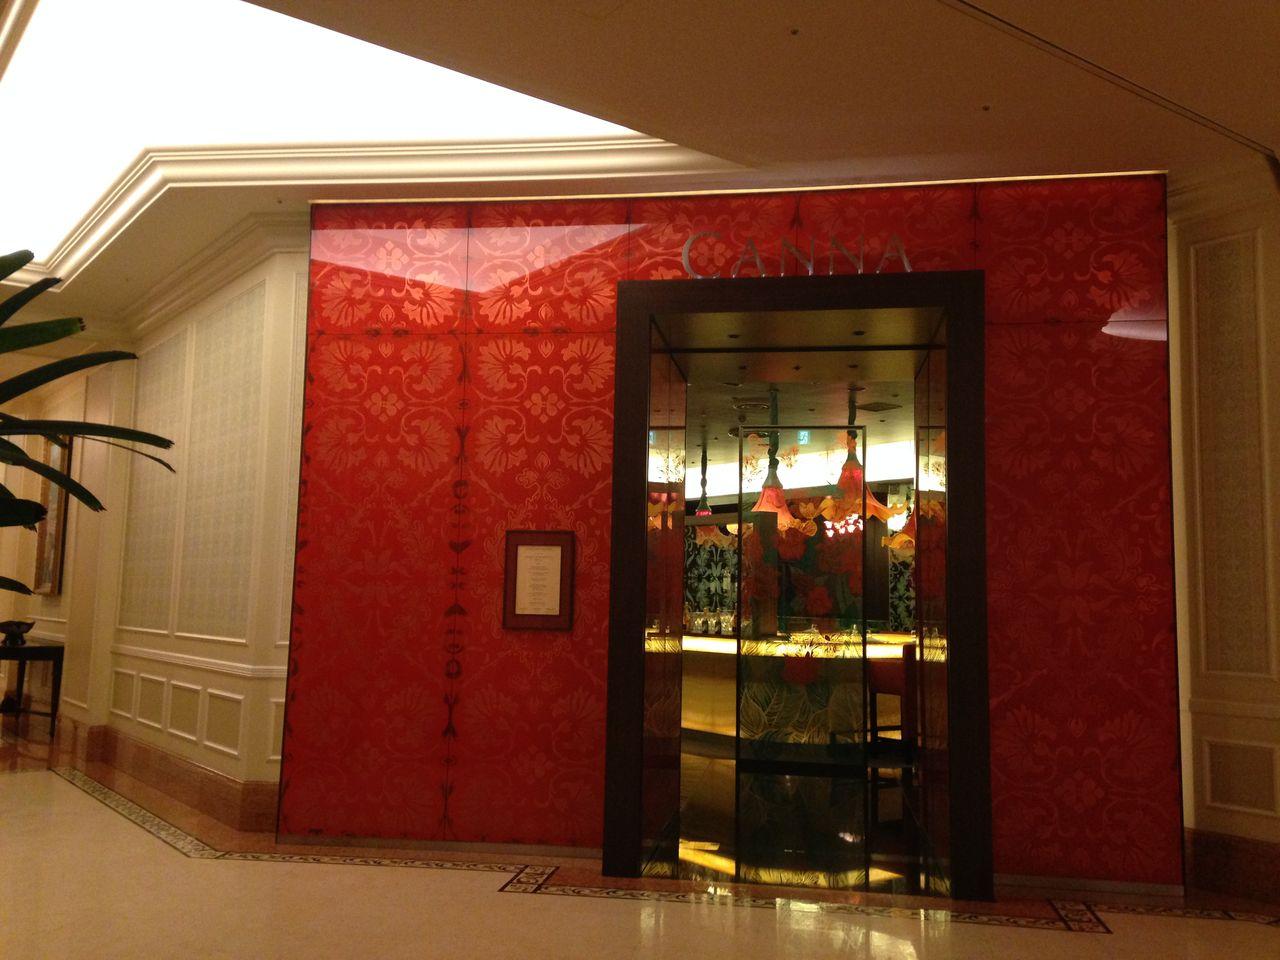 ディズニーランドホテルのコース専門レストラン、カンナはゆっくり食事を楽しみたい人におススメです。